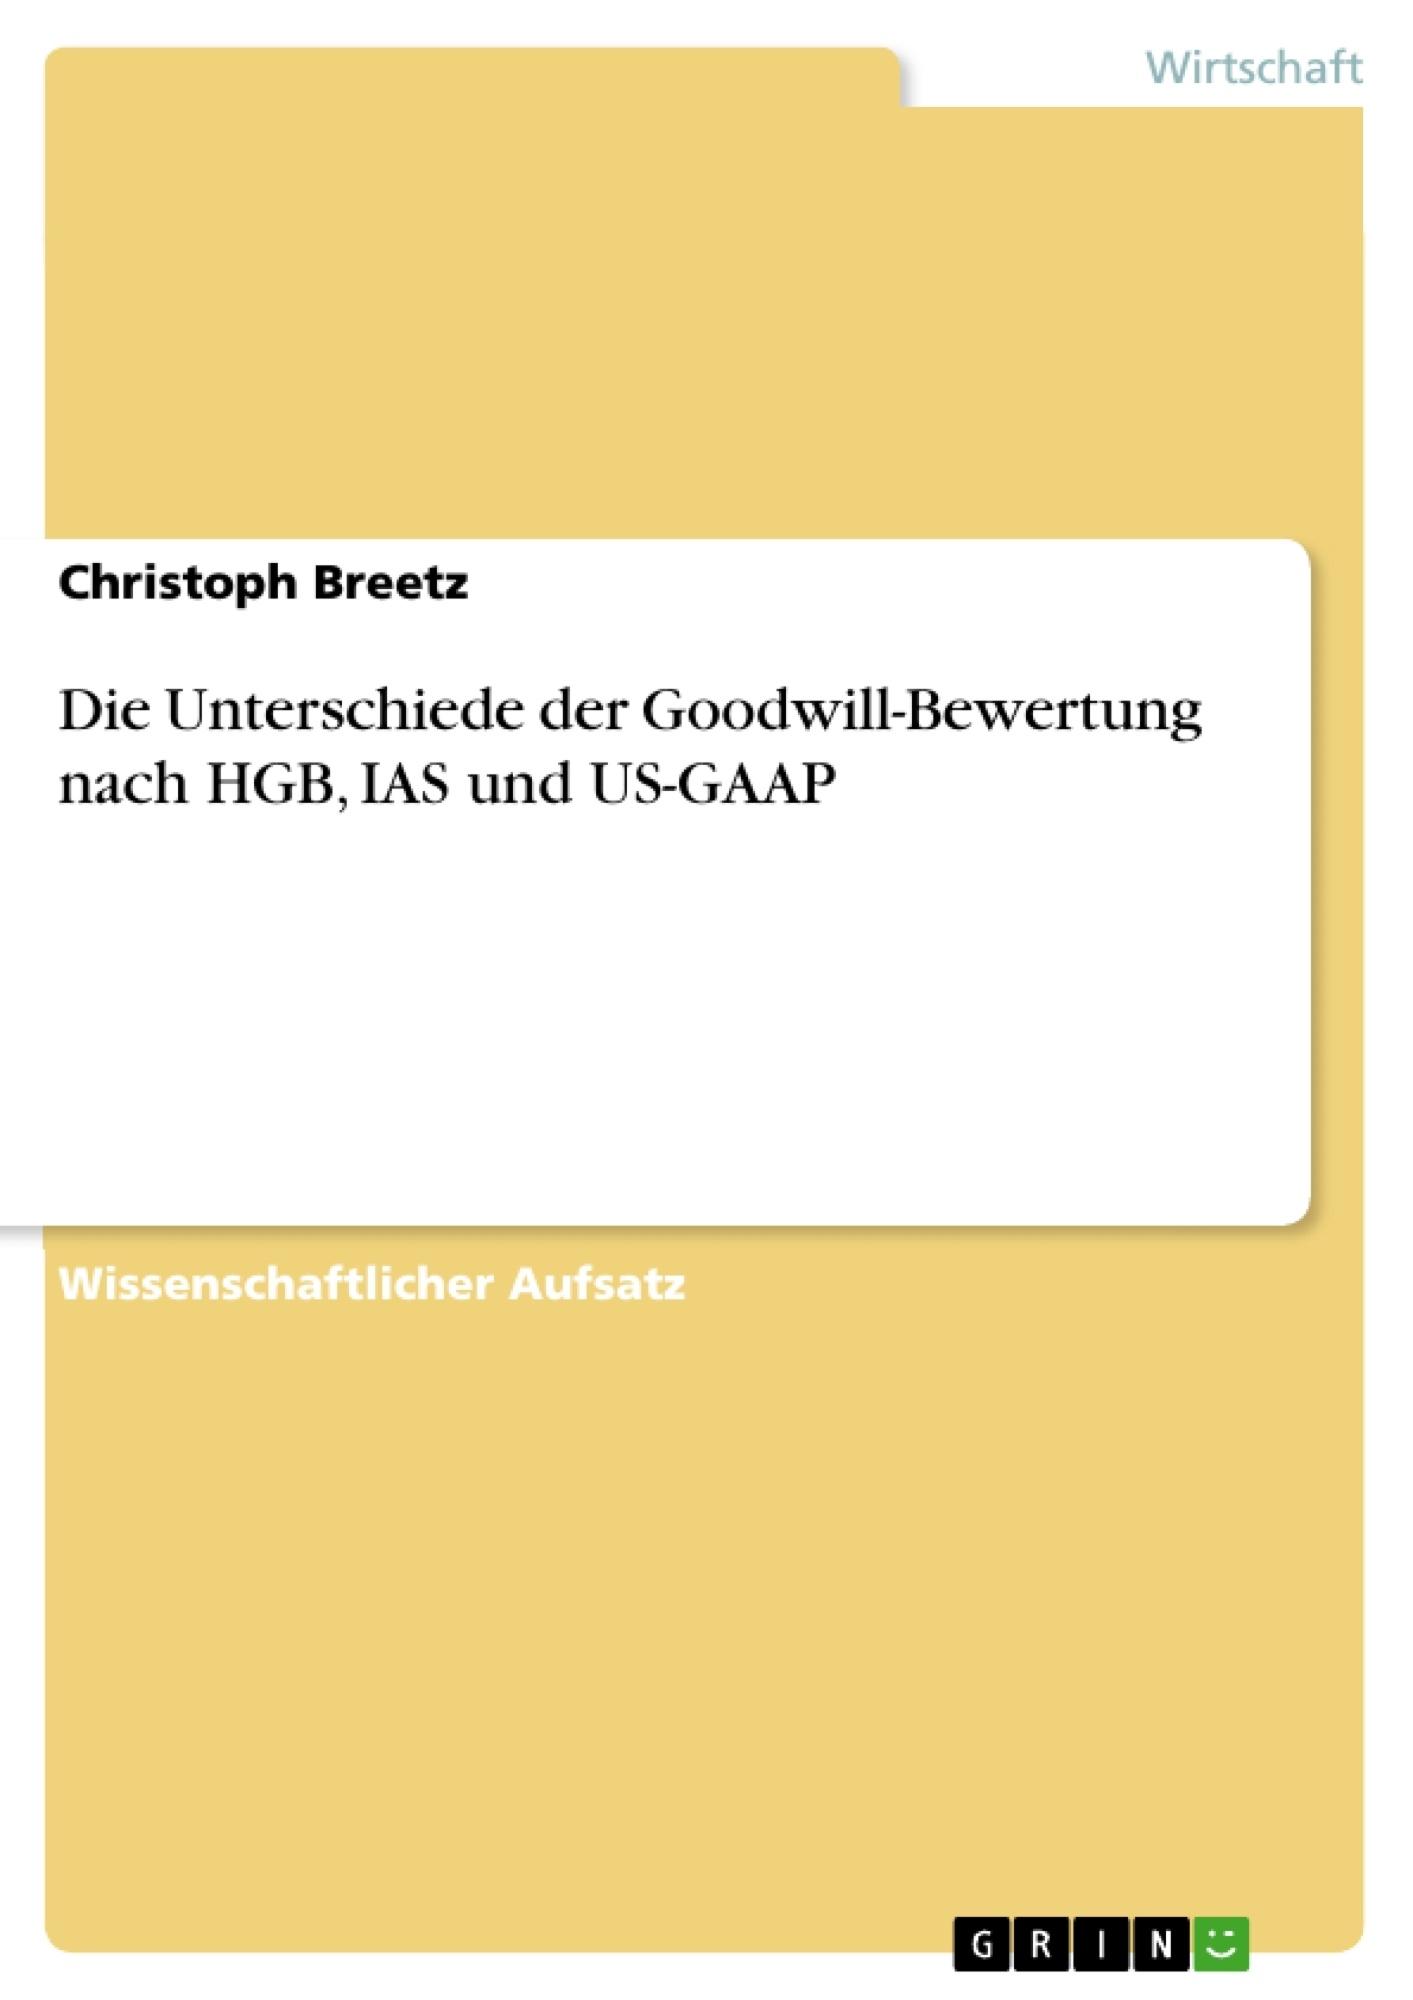 Titel: Die Unterschiede der Goodwill-Bewertung nach HGB, IAS und US-GAAP